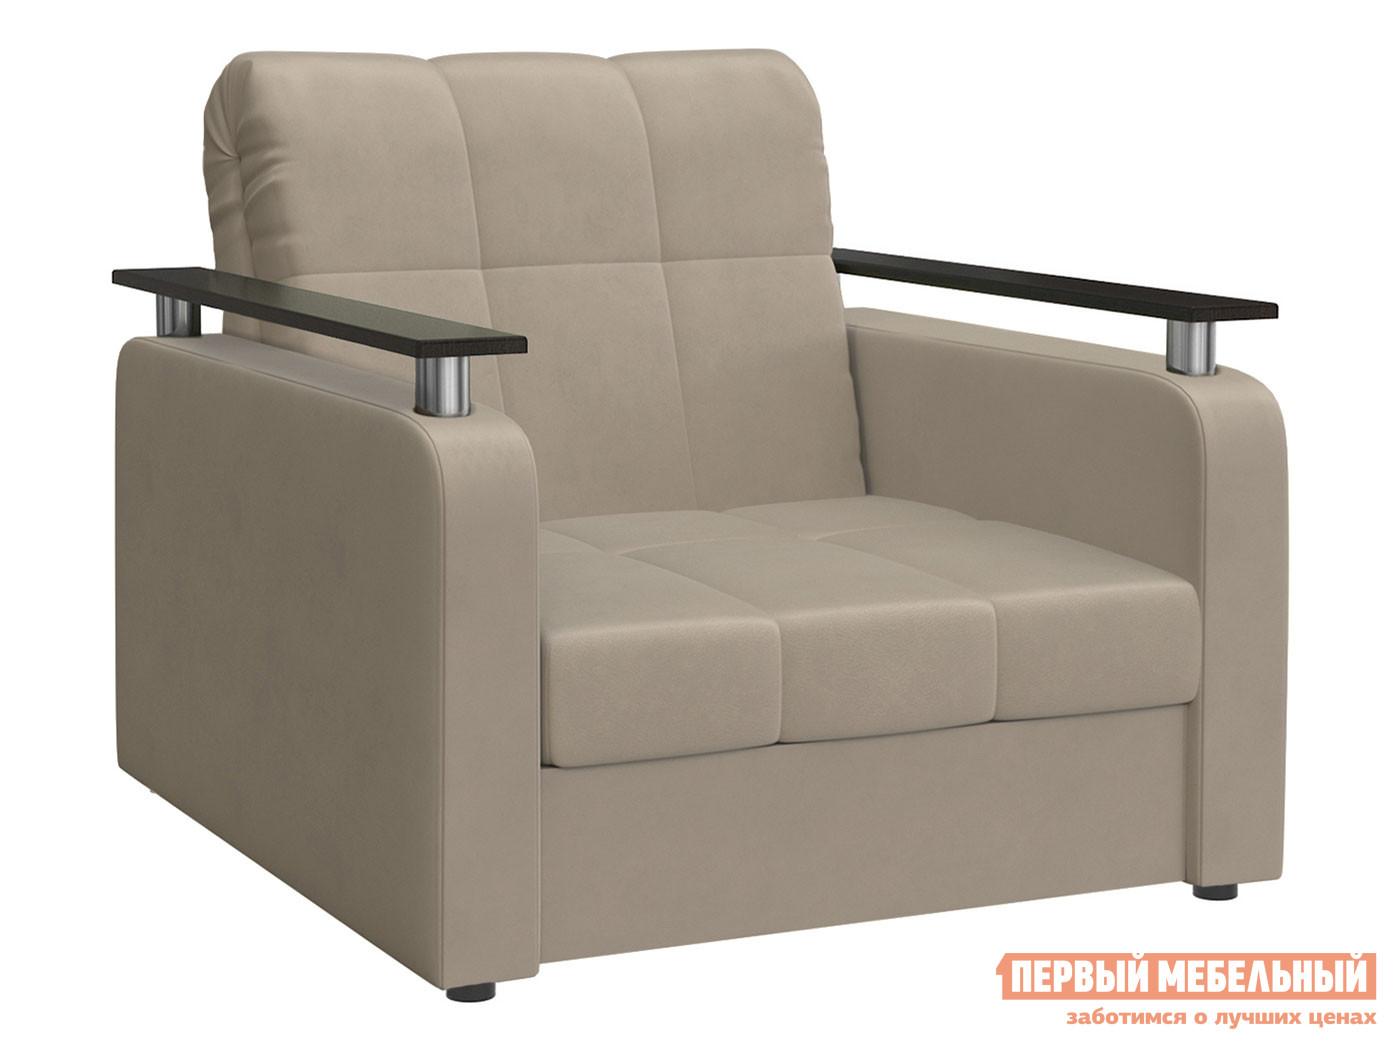 Кресло-кровать Первый Мебельный Кресло-кровать Денвер / Кресло-кровать Денвер Люкс